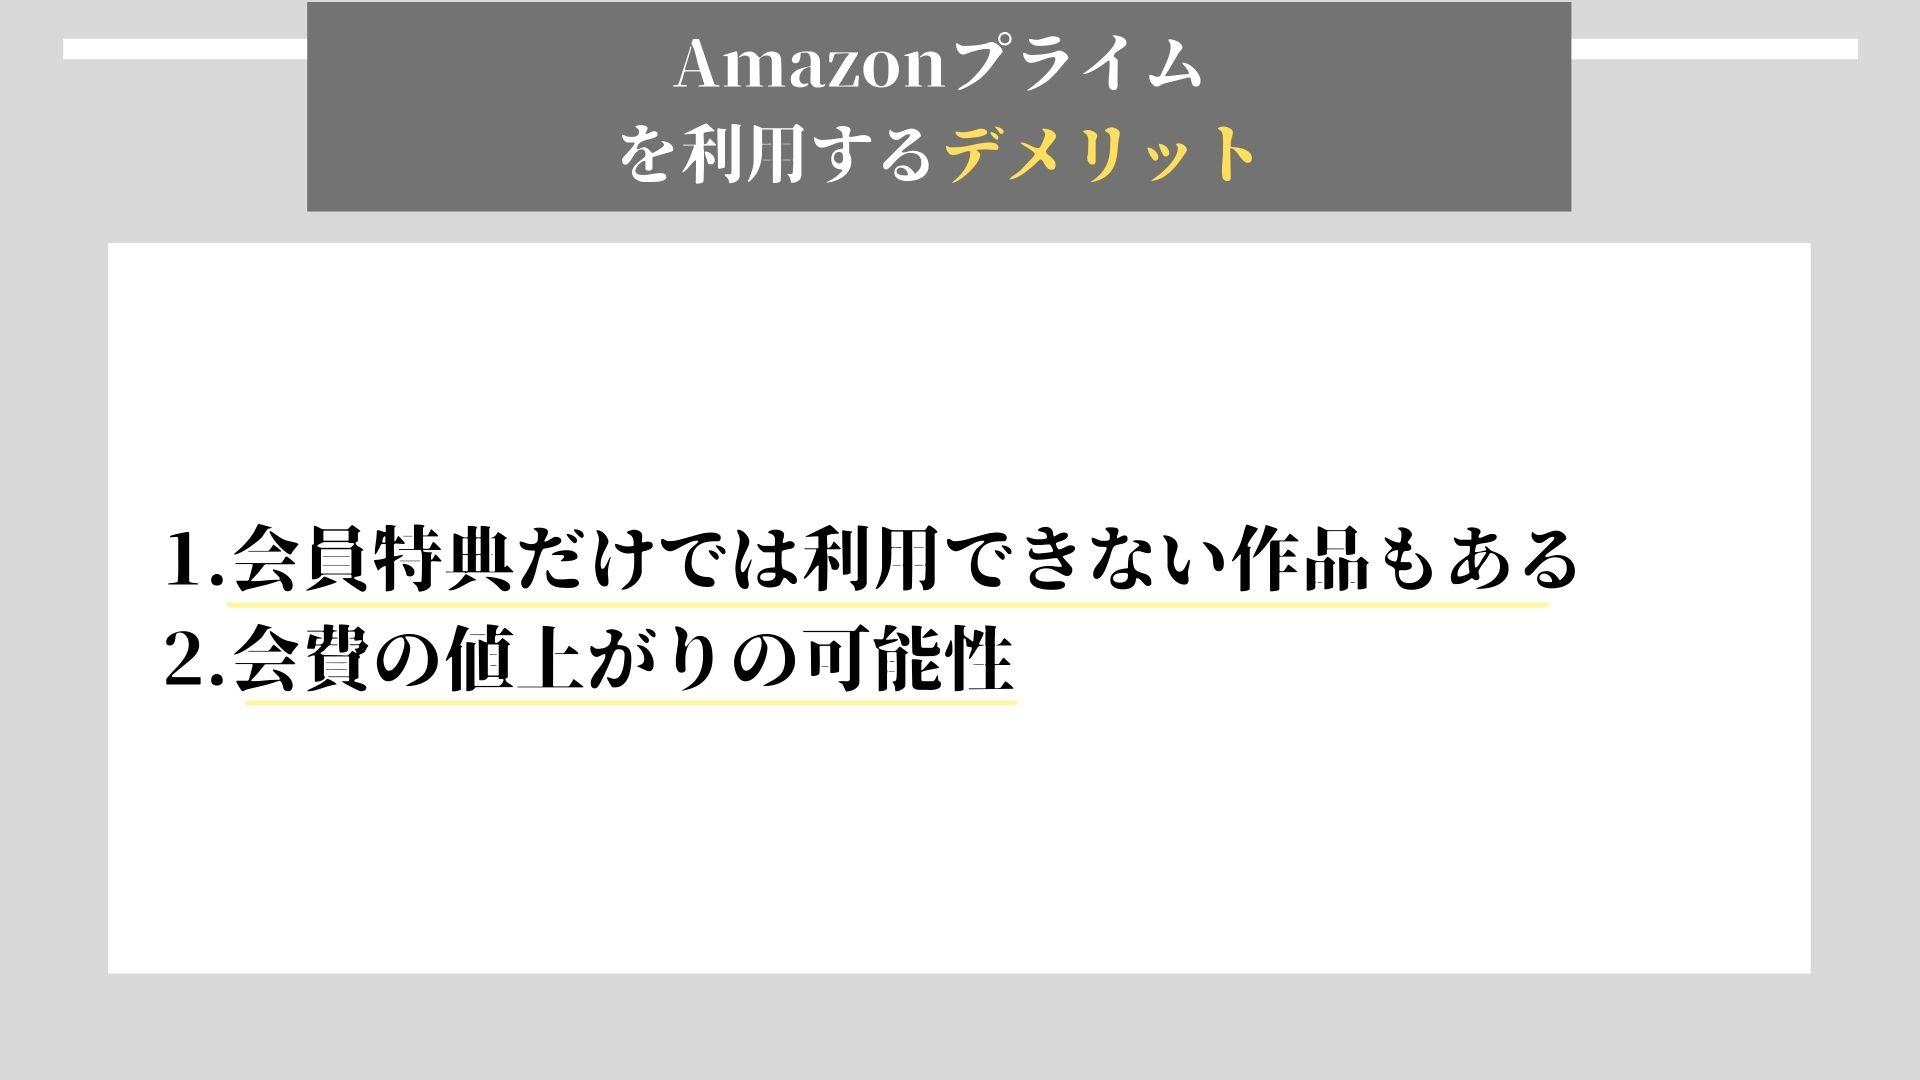 Amazonプライム デメリット